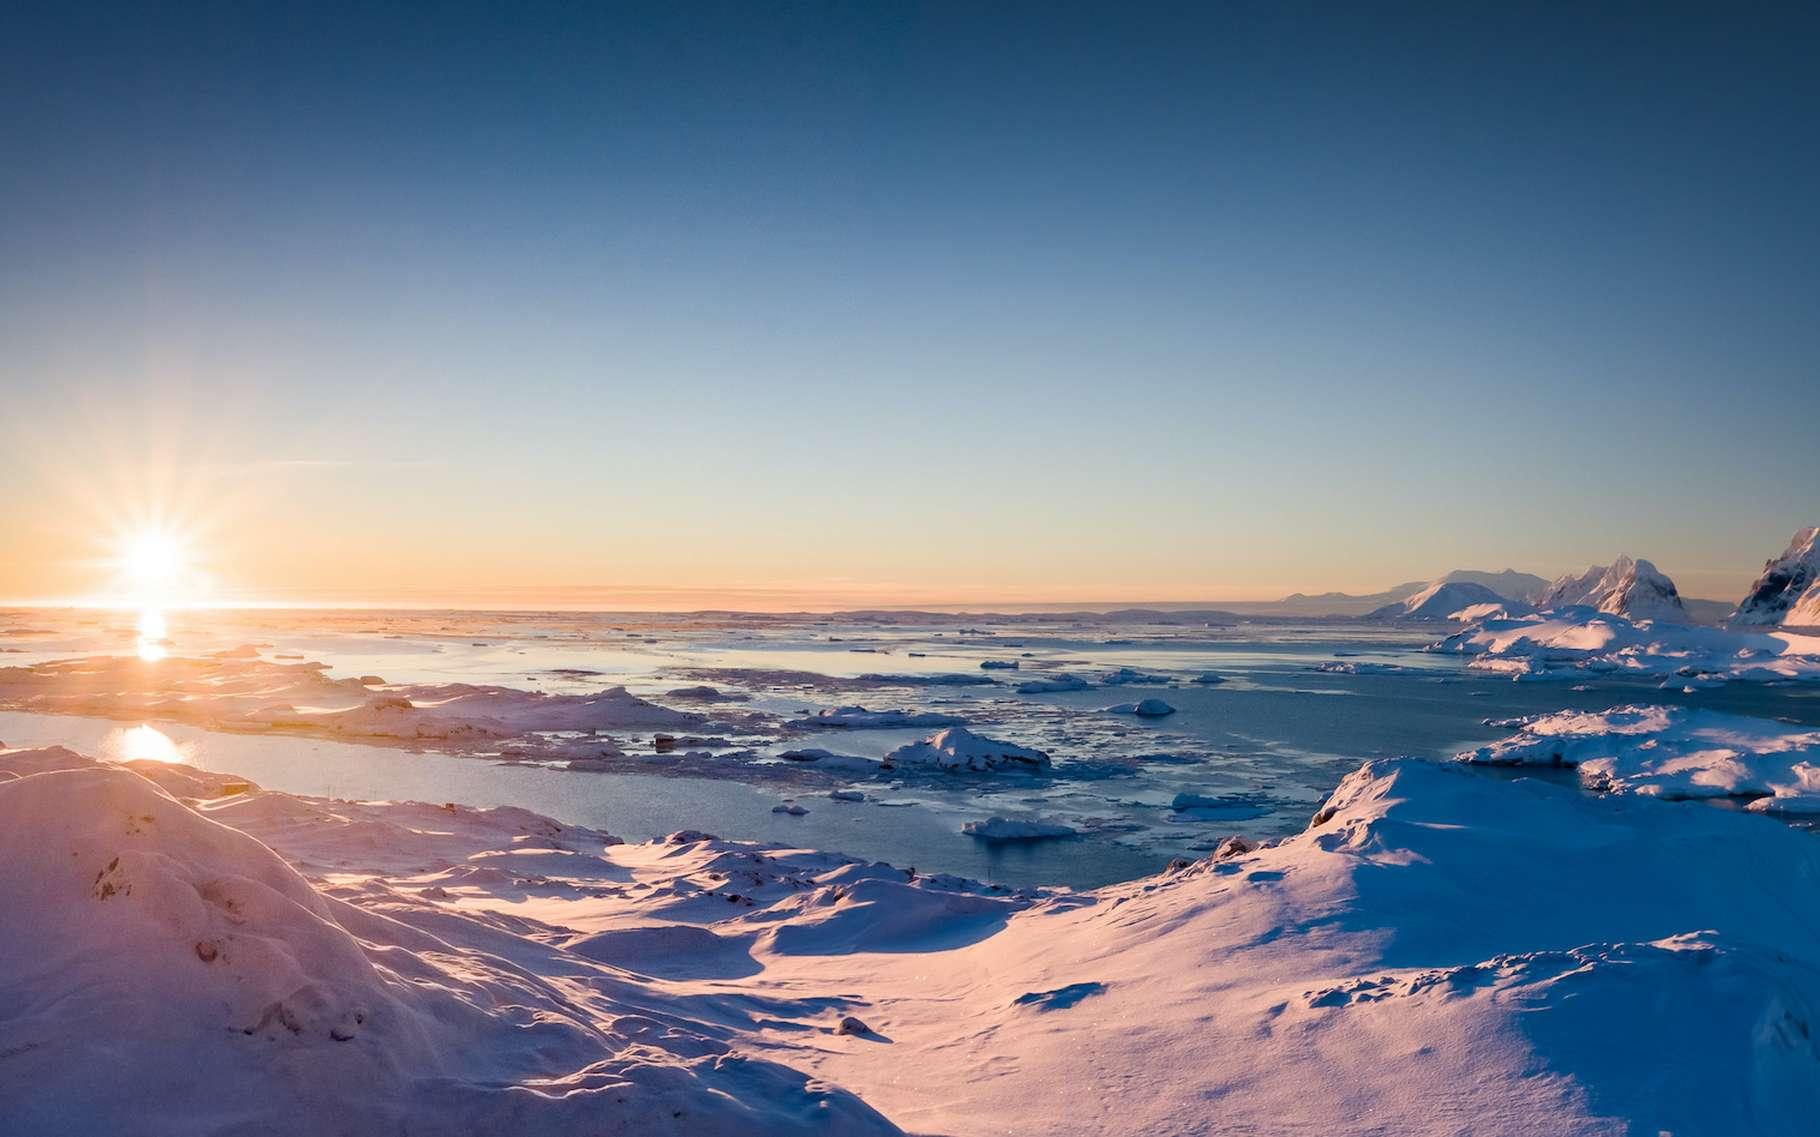 L'Antarctique se réchauffe bien plus vite que nous ne le pensions, d'après une nouvelle étude. © Goinyk, Adobe Stock